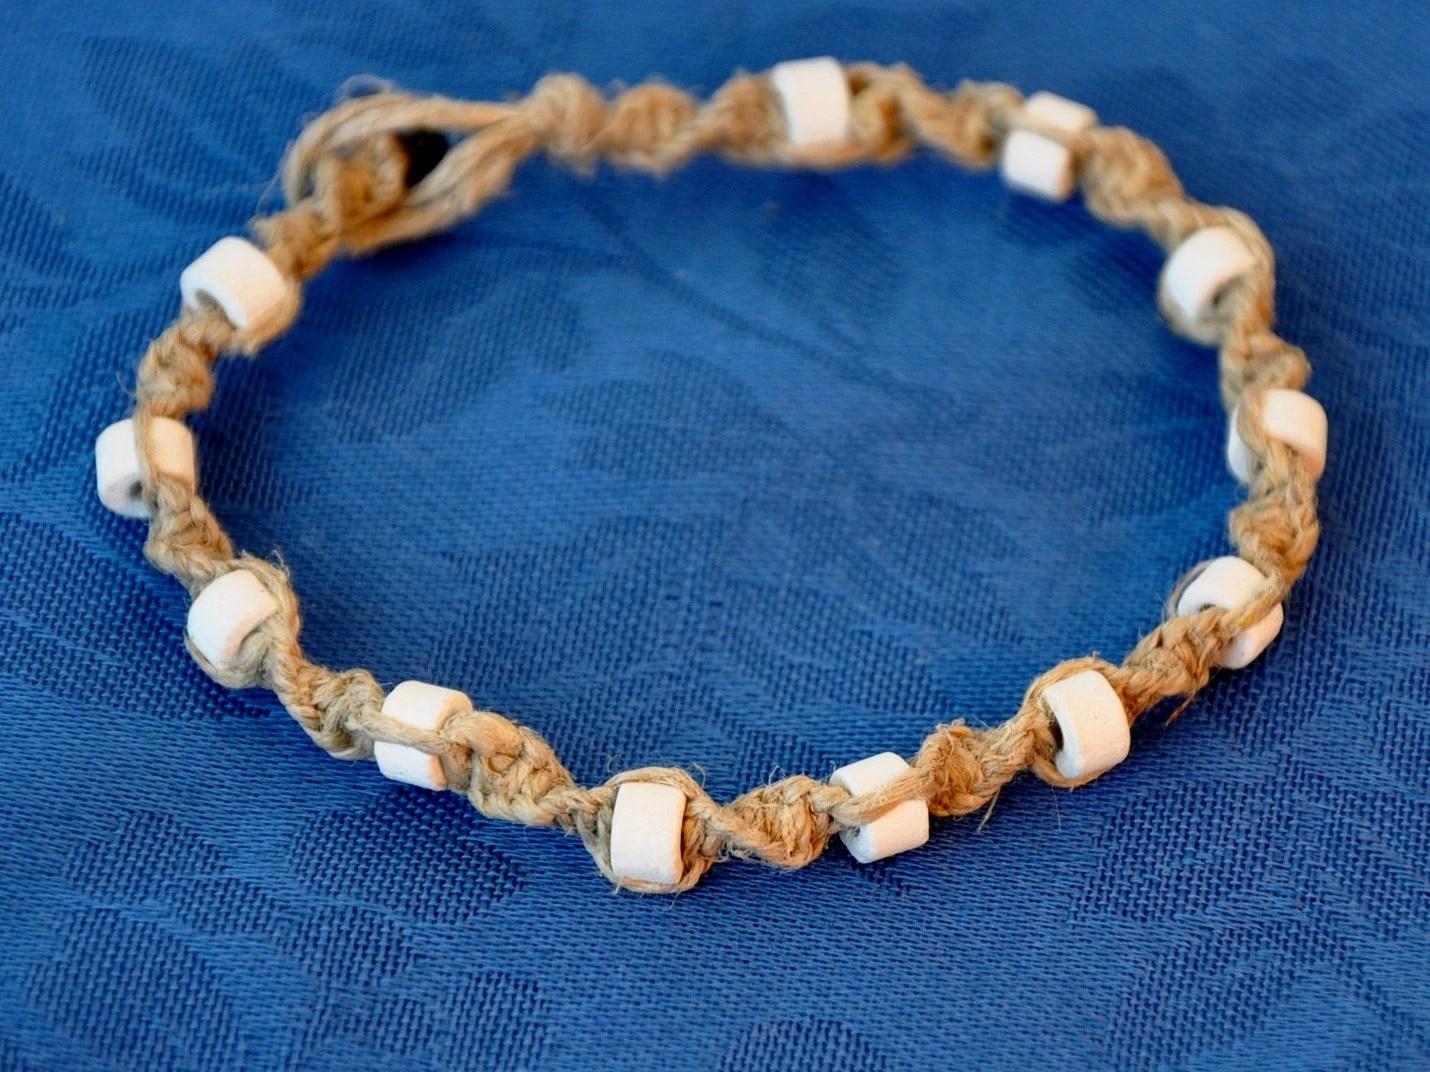 Spiral Hemp Bracelet/Anklet with White Beads